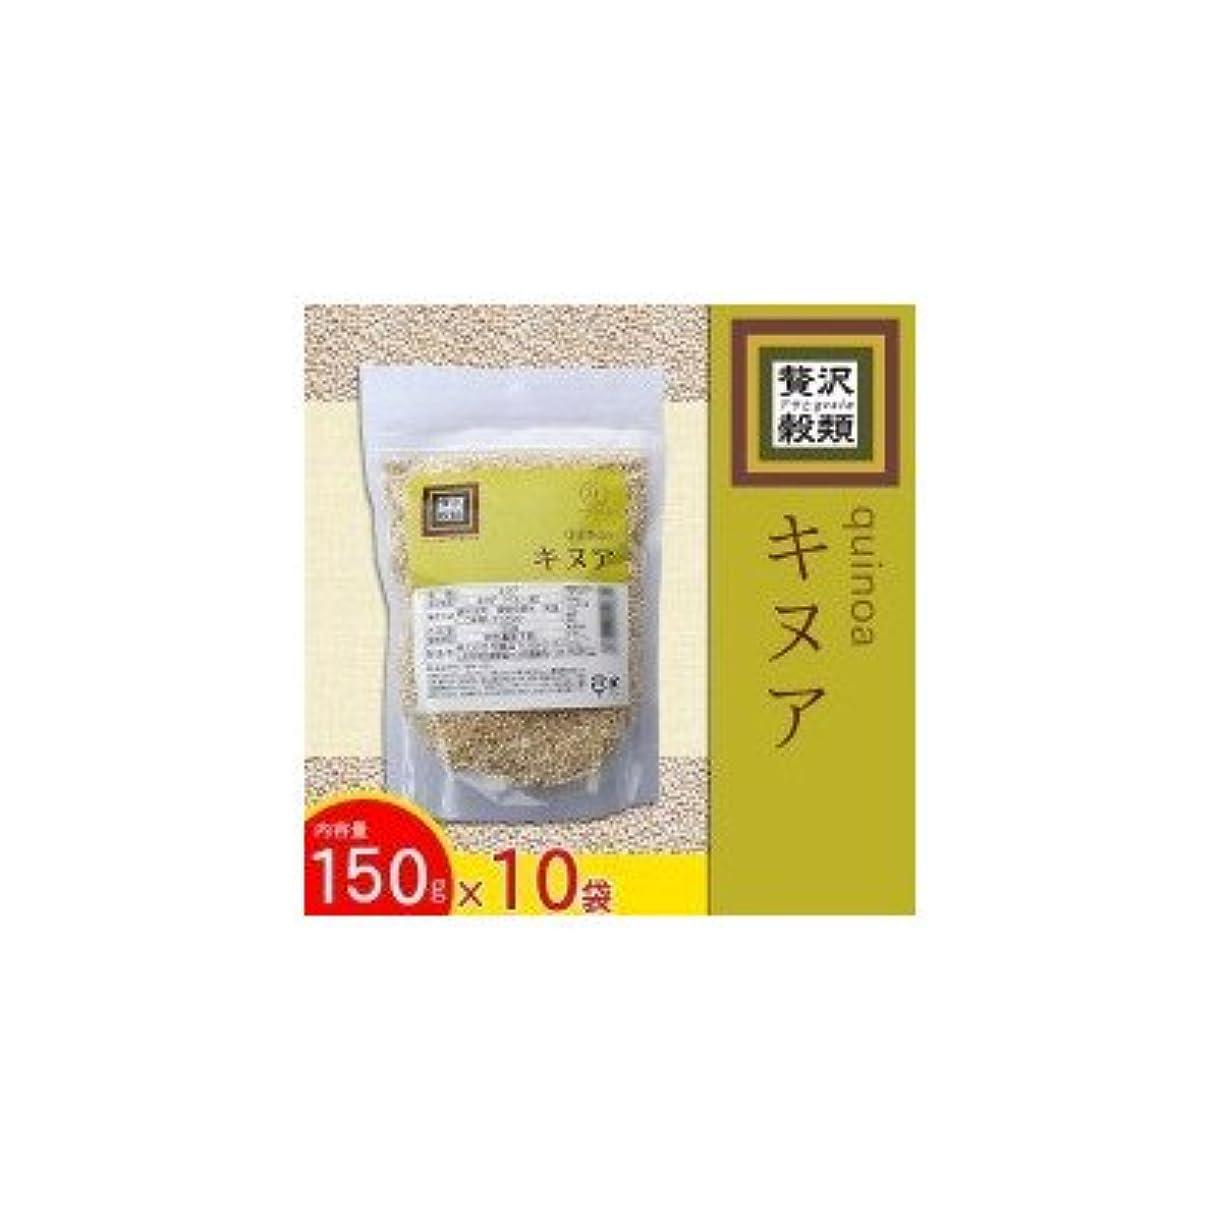 ターミナル慰め怪しい贅沢穀類 キヌア 150g×10袋